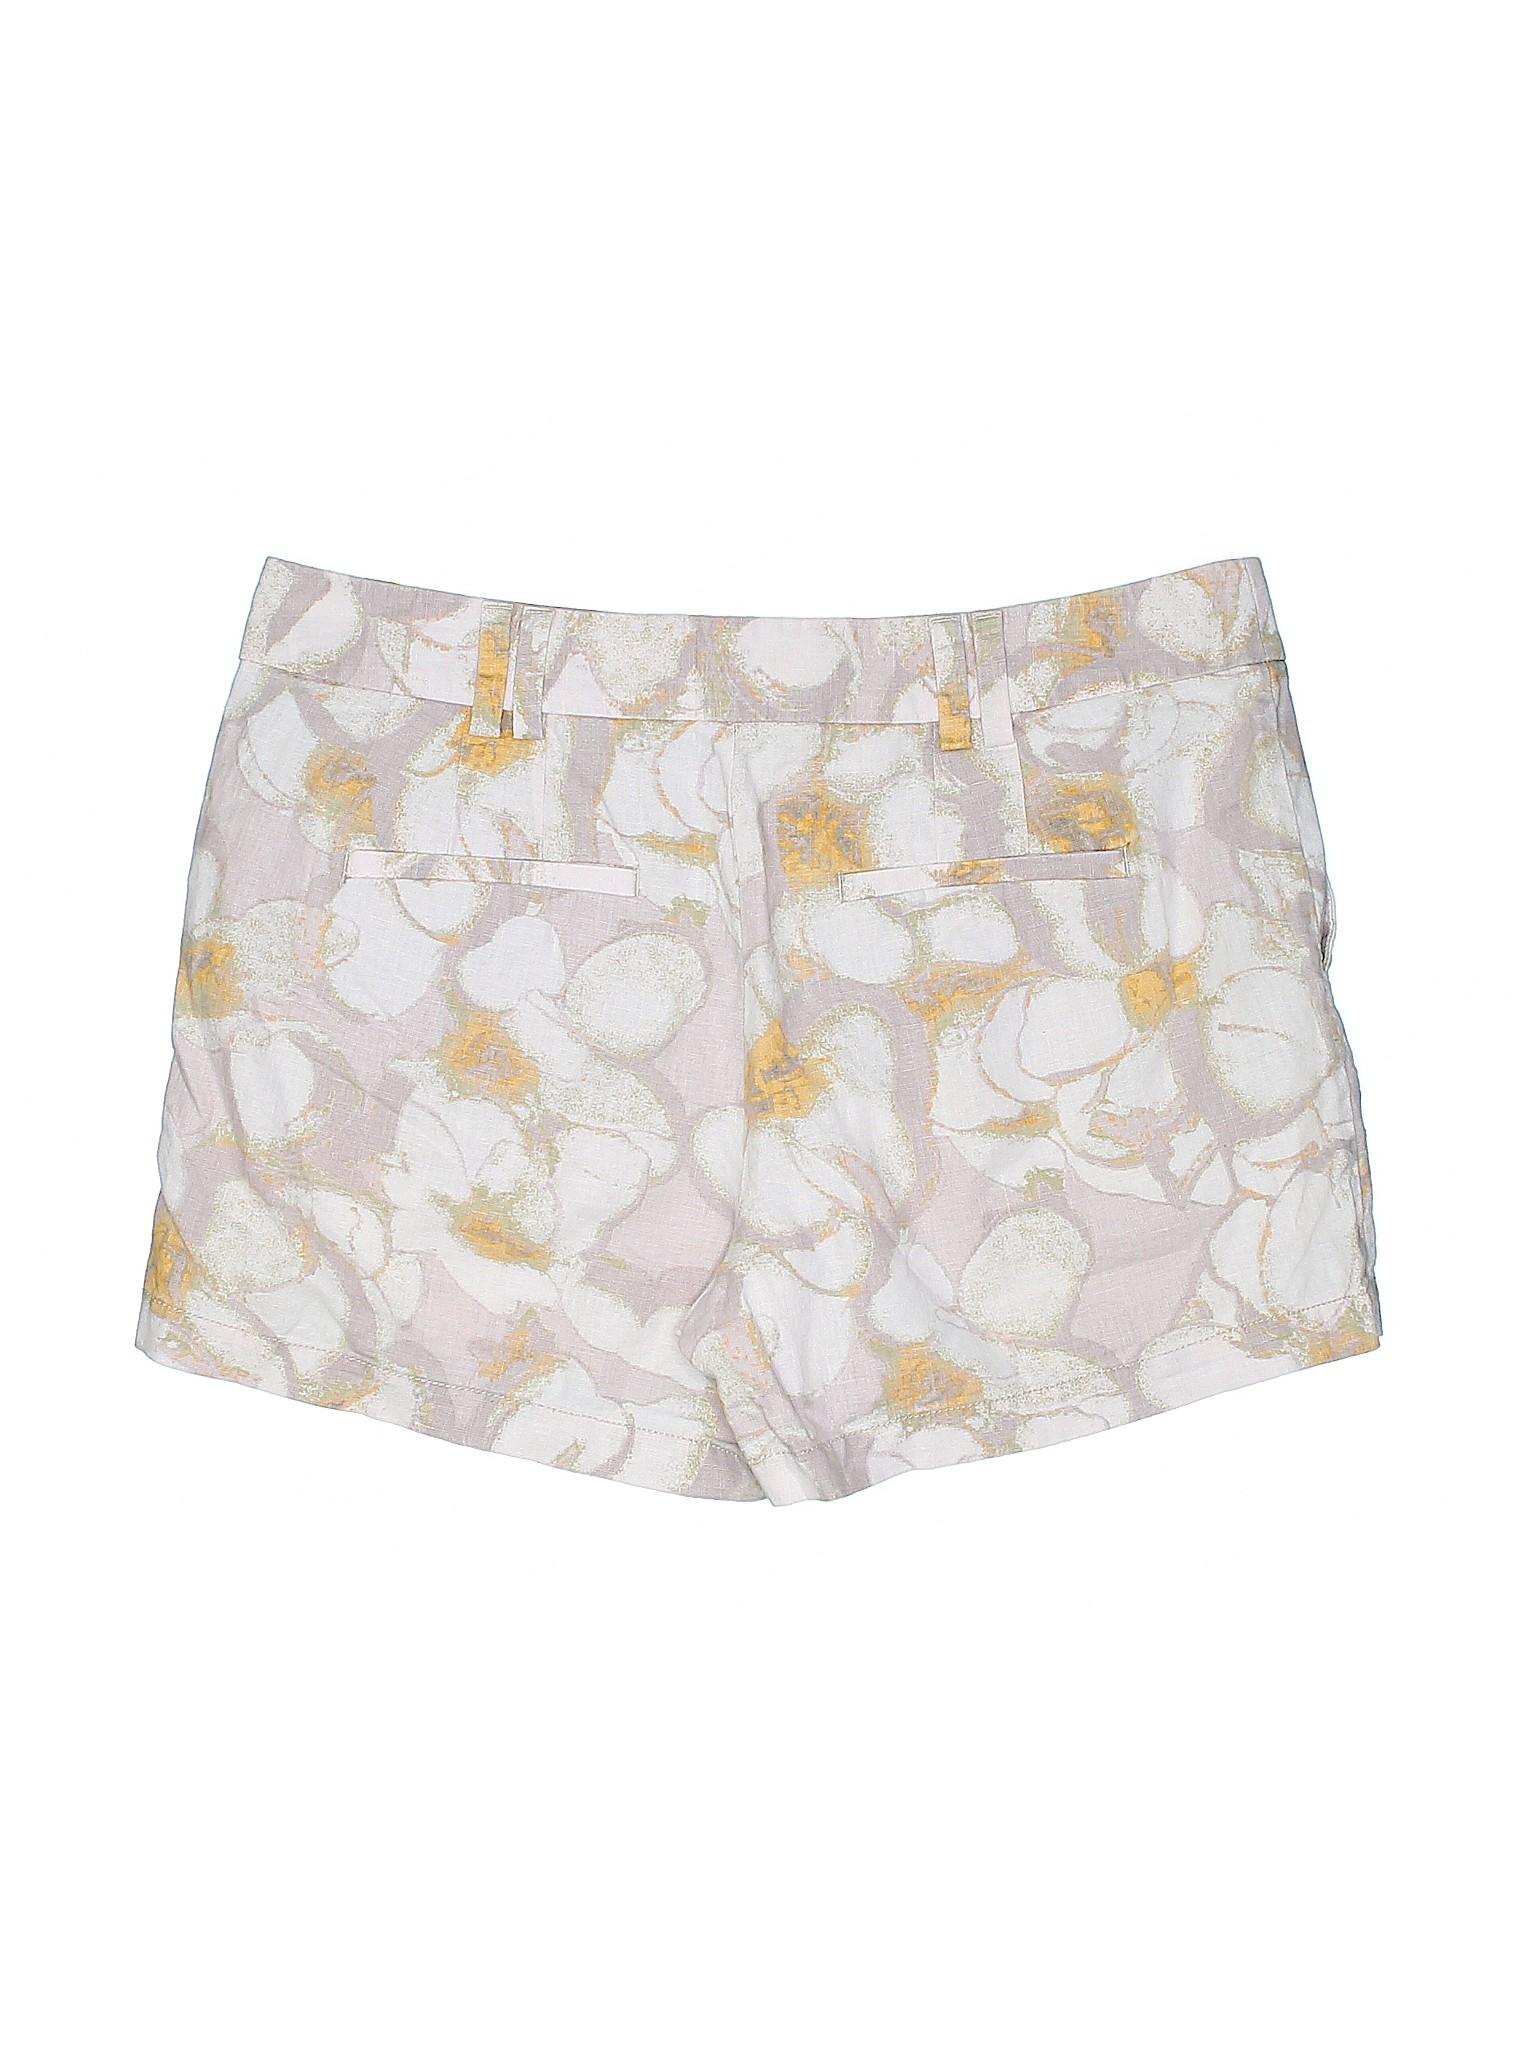 Taylor LOFT Boutique Ann Boutique Ann Shorts Taylor q0IPS